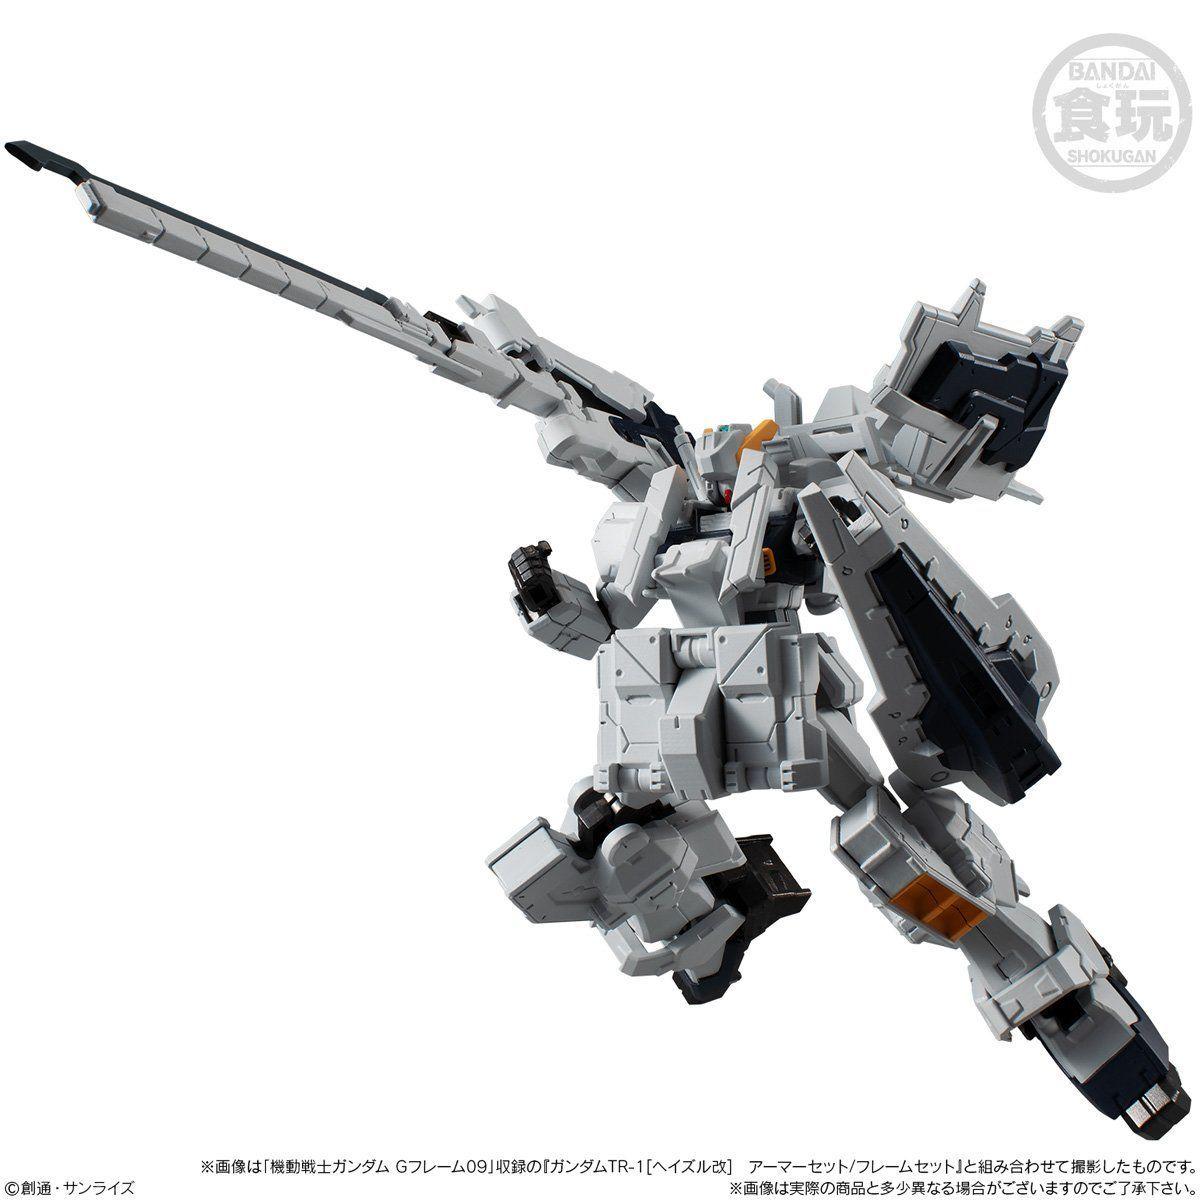 【限定販売】【食玩】Gフレーム『ガンダムTR-1[ヘイズル改]オプションパーツセット』可動フィギュア-004